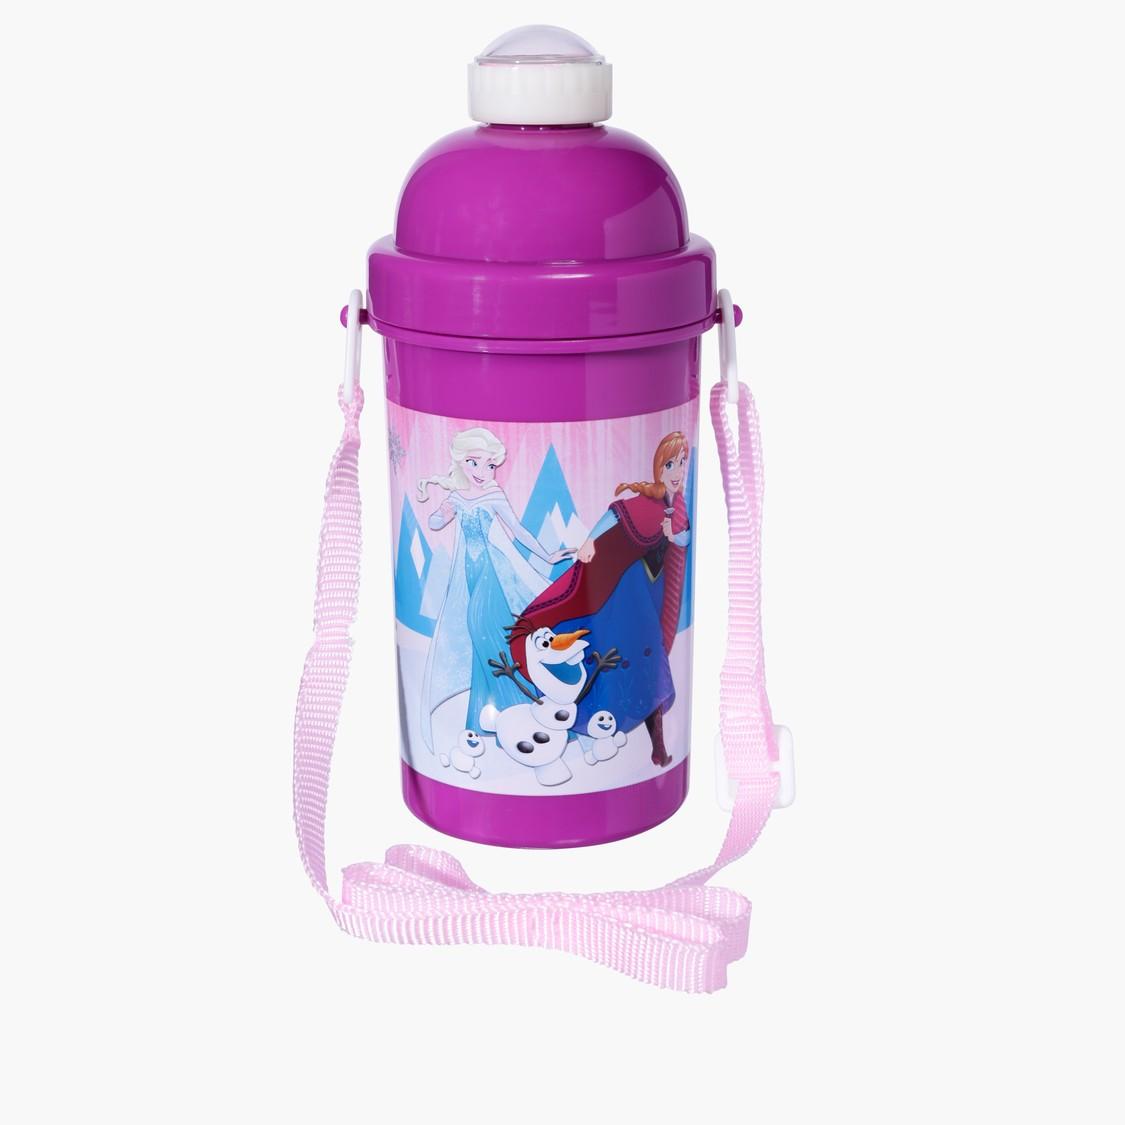 Frozen Printed Water Bottle